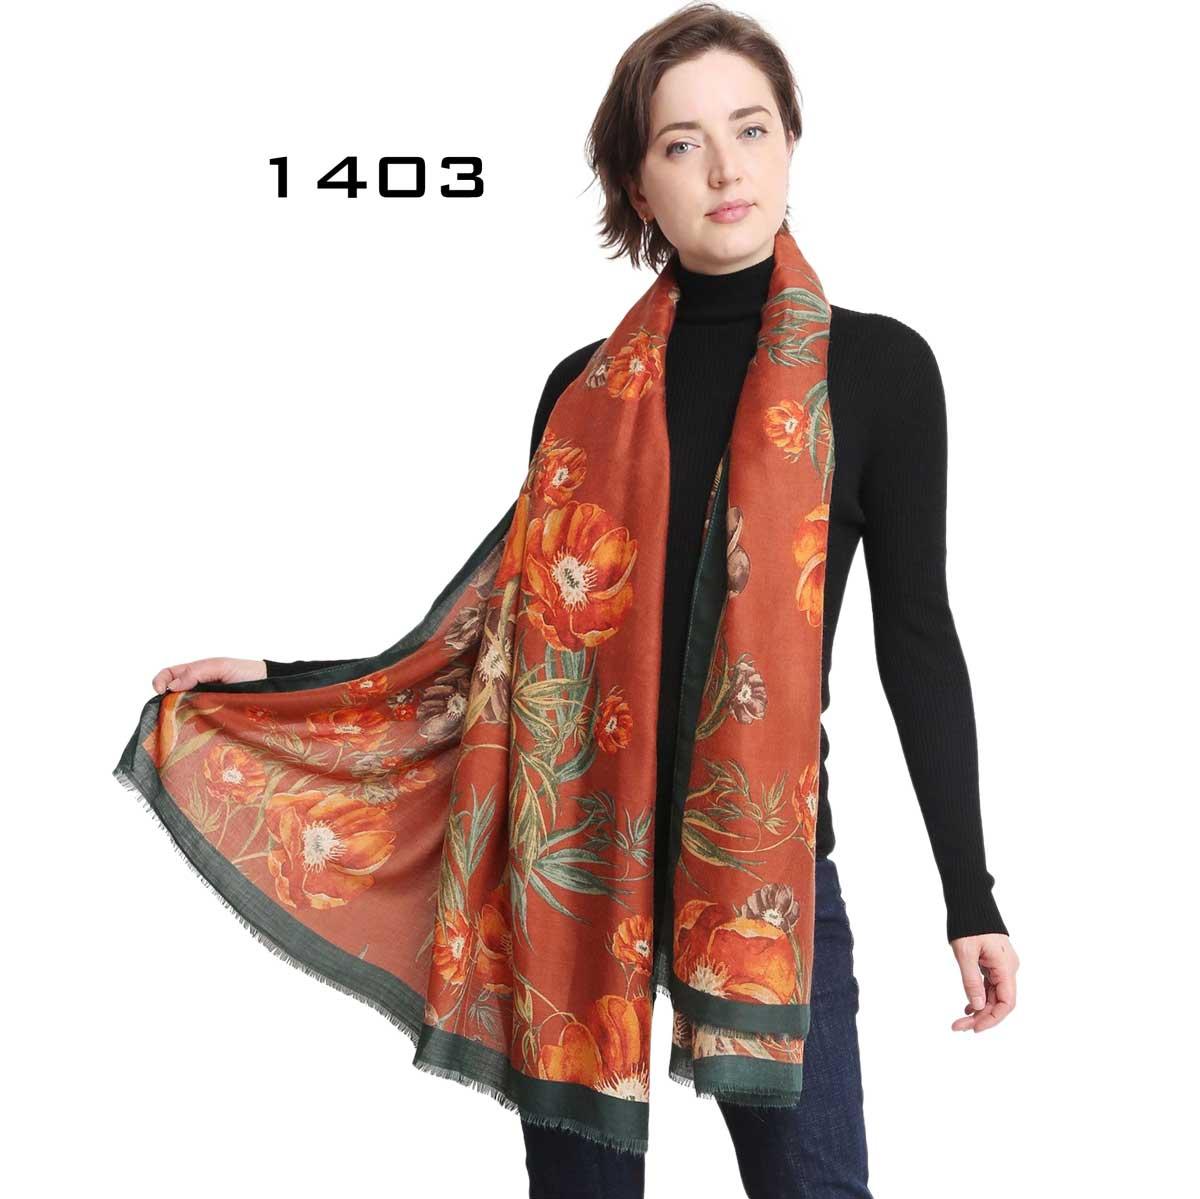 Luxury Scarf/Wrap - 1403